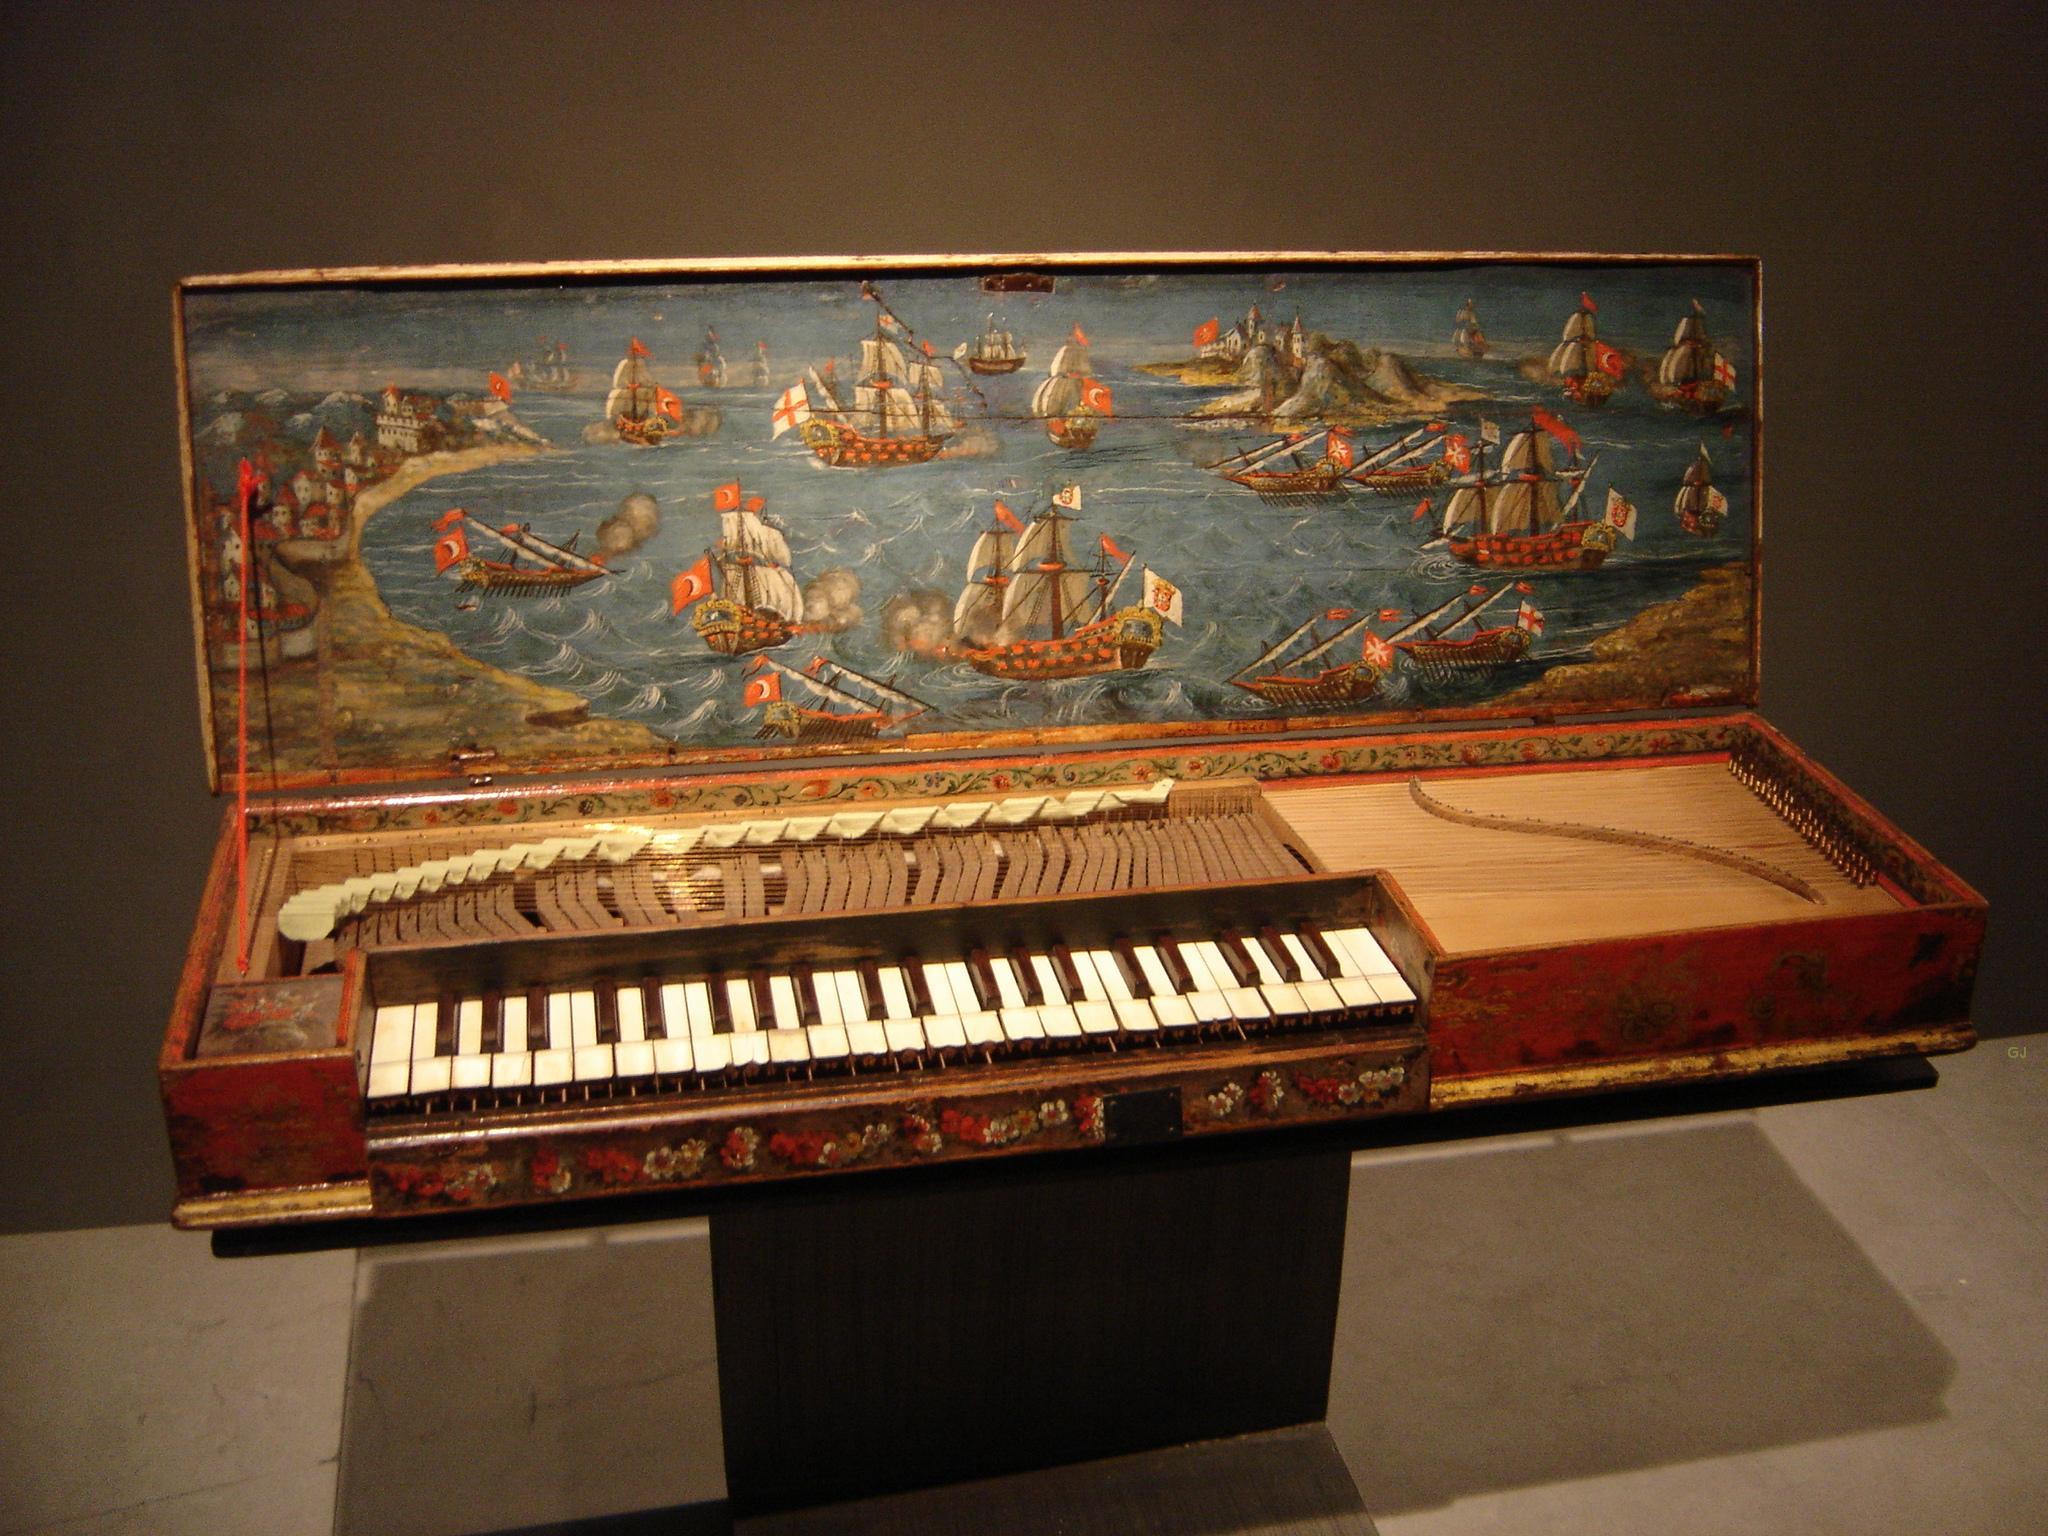 """The """"Lépante"""" fretted clavichord, Musée de la Musique, Paris"""